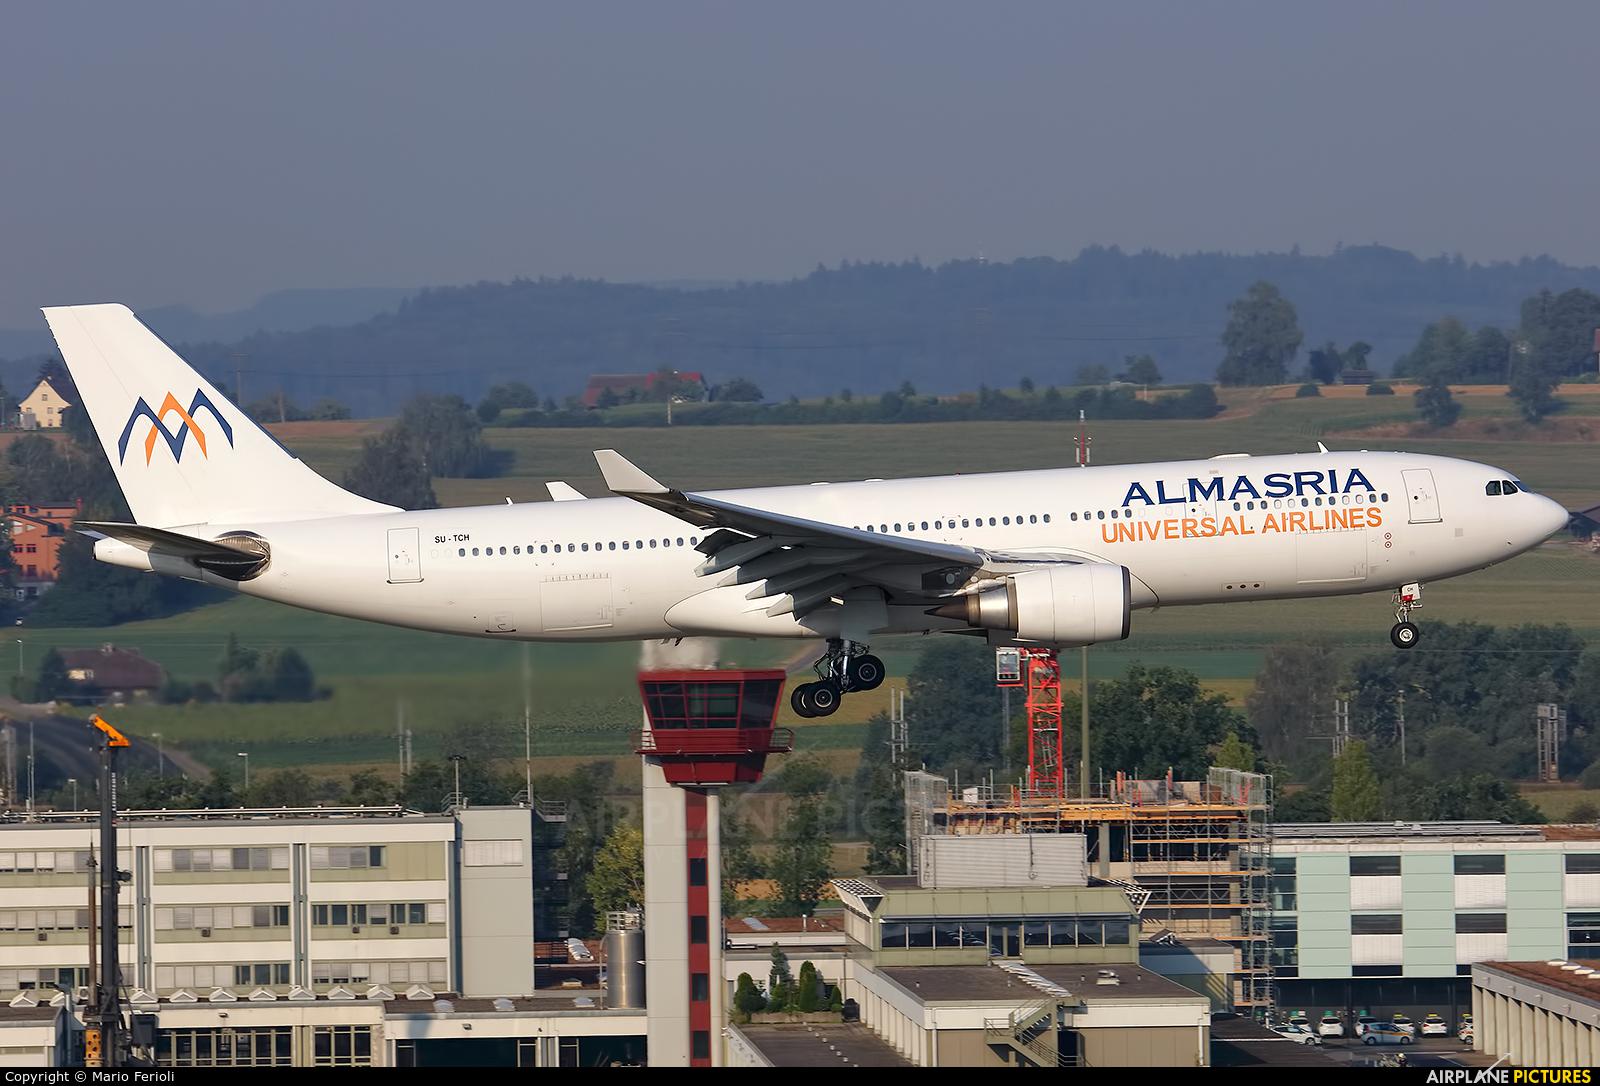 Al Masria SU-TCH aircraft at Zurich